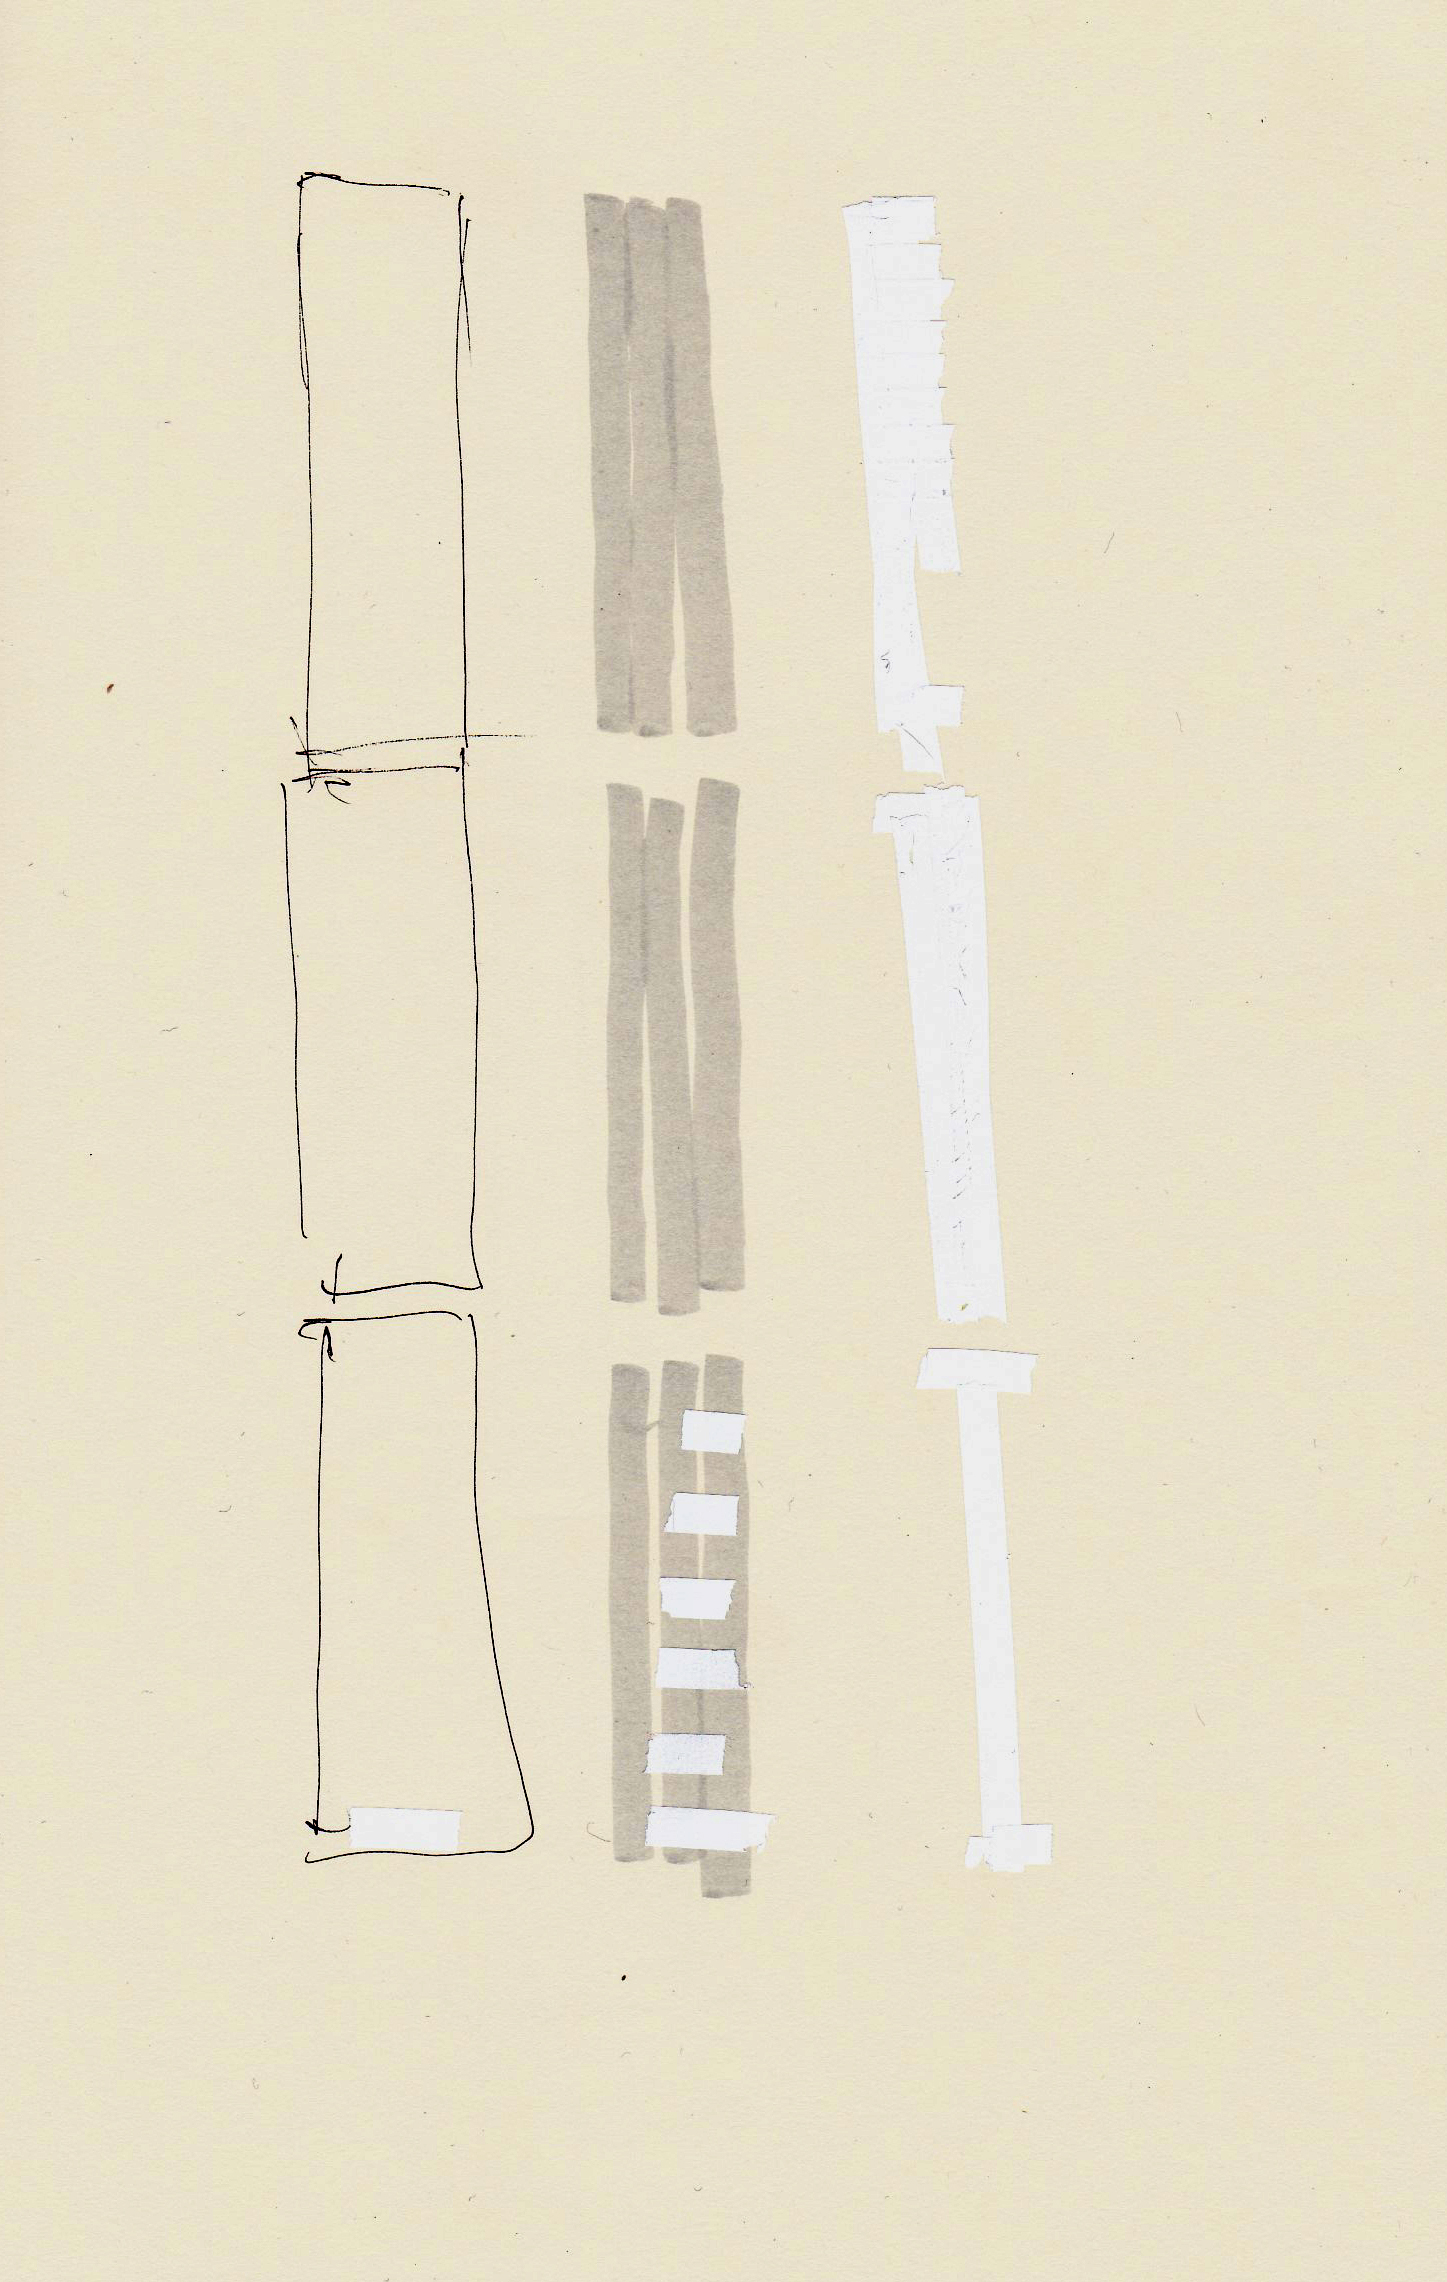 L. CHAOUAT Carnet 1.3 21x29 cm